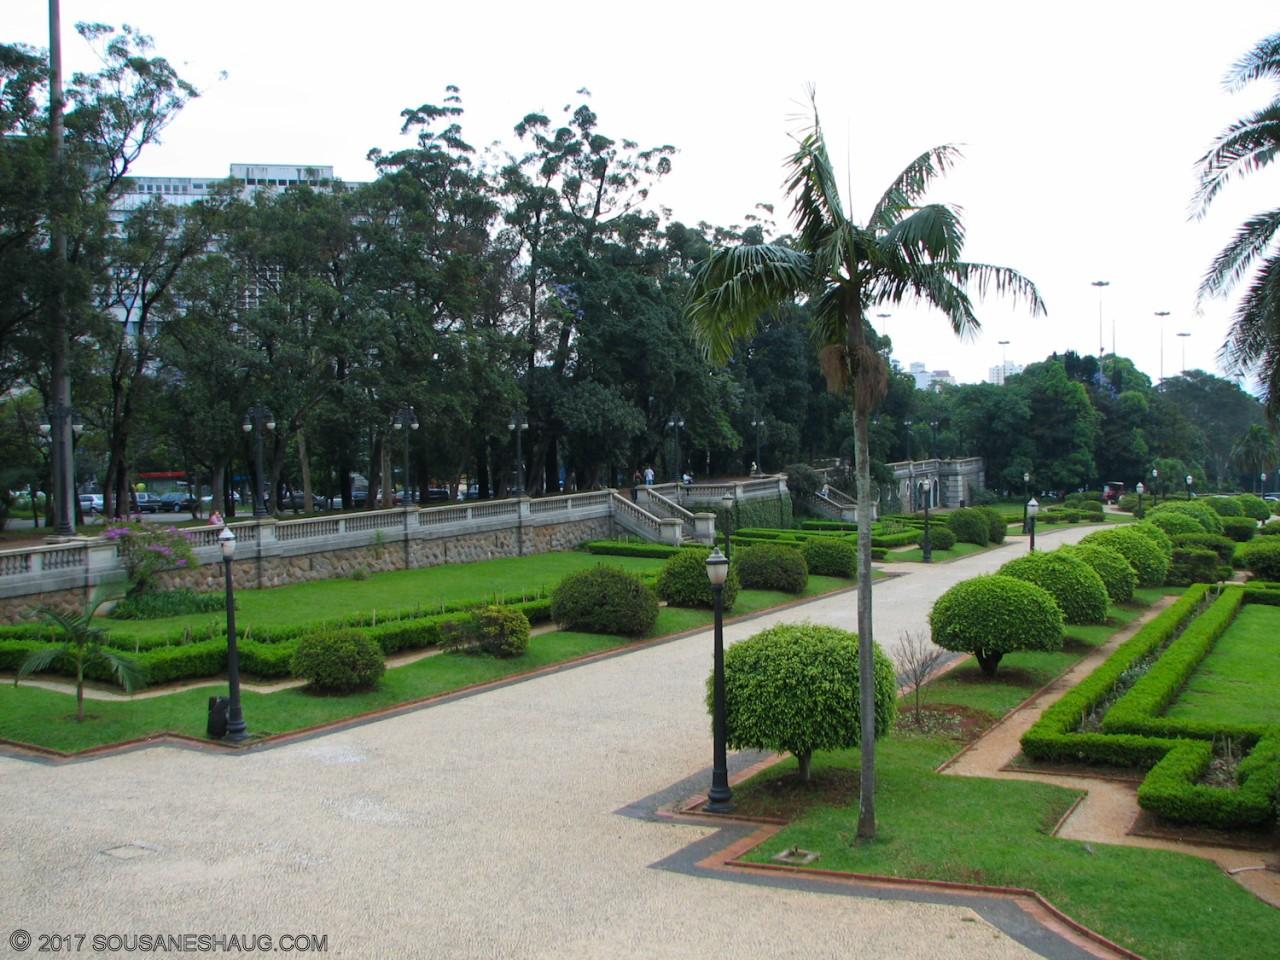 Ipiranga-museu-sao-paulo-brazil-11